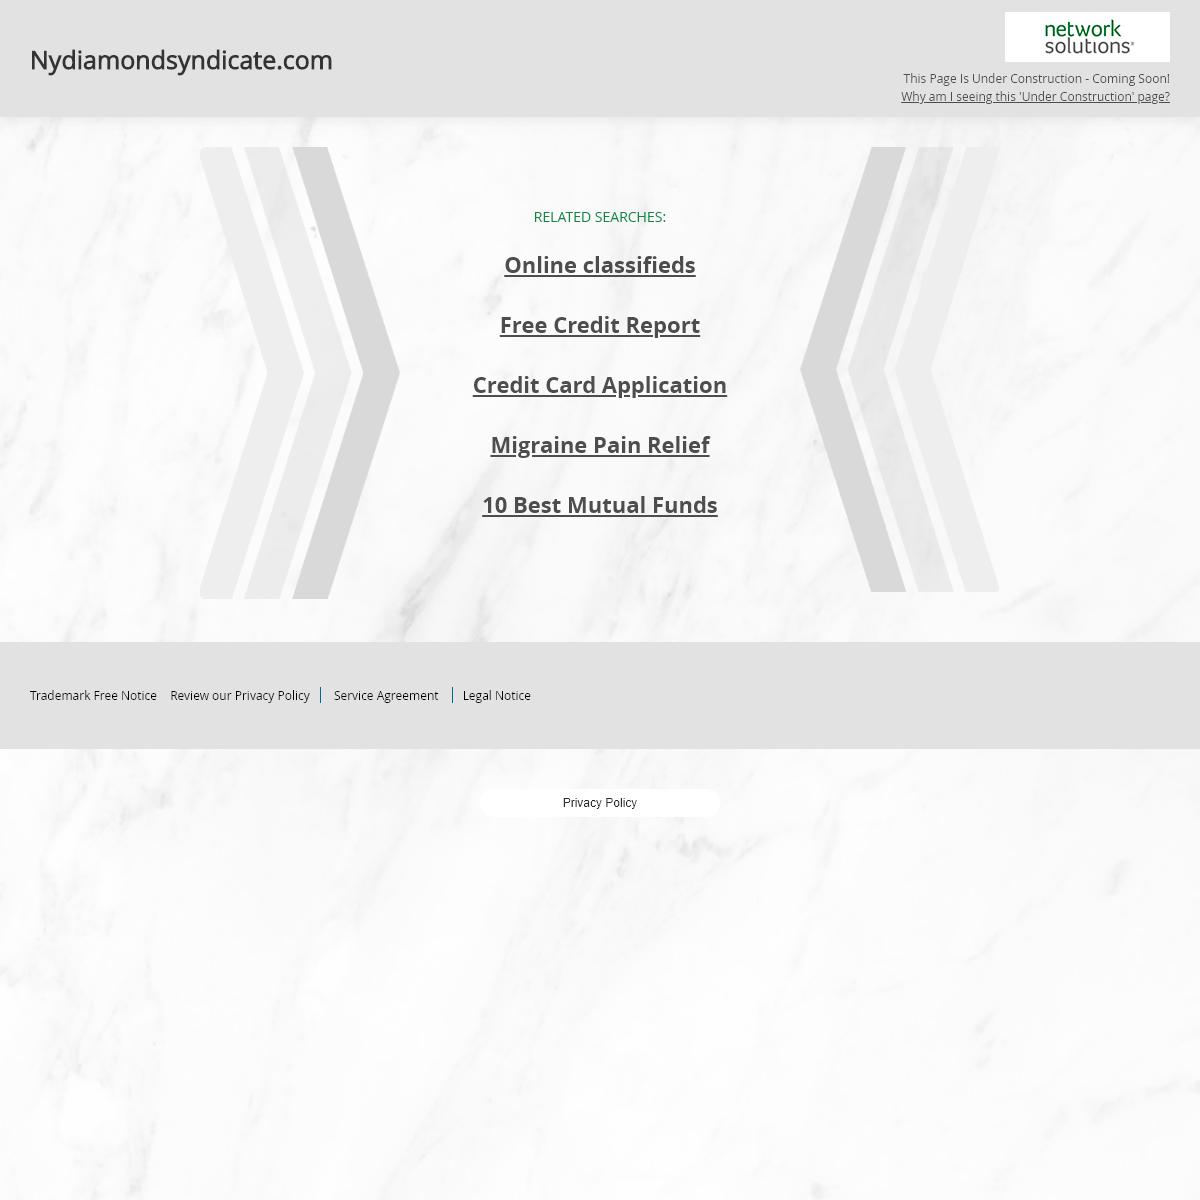 Nydiamondsyndicate.com